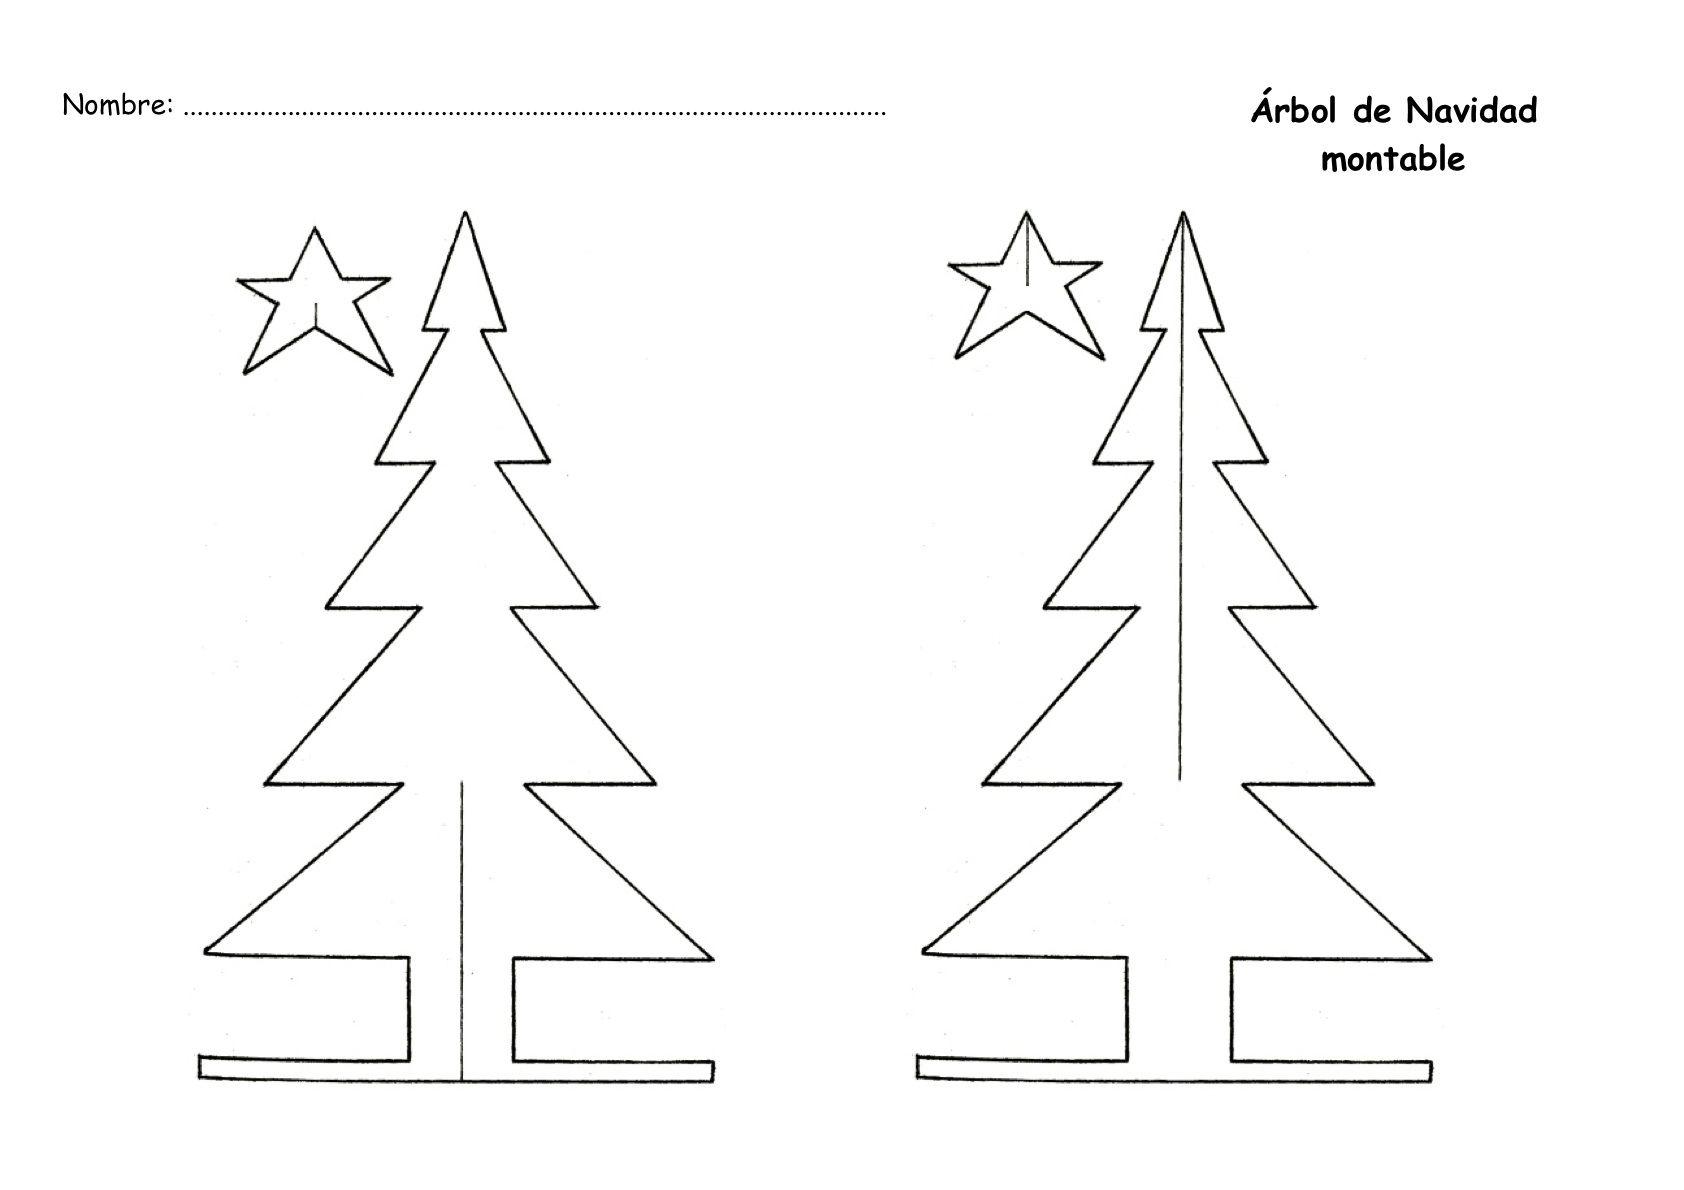 Arbol De Navidad Montable Para Imprimir